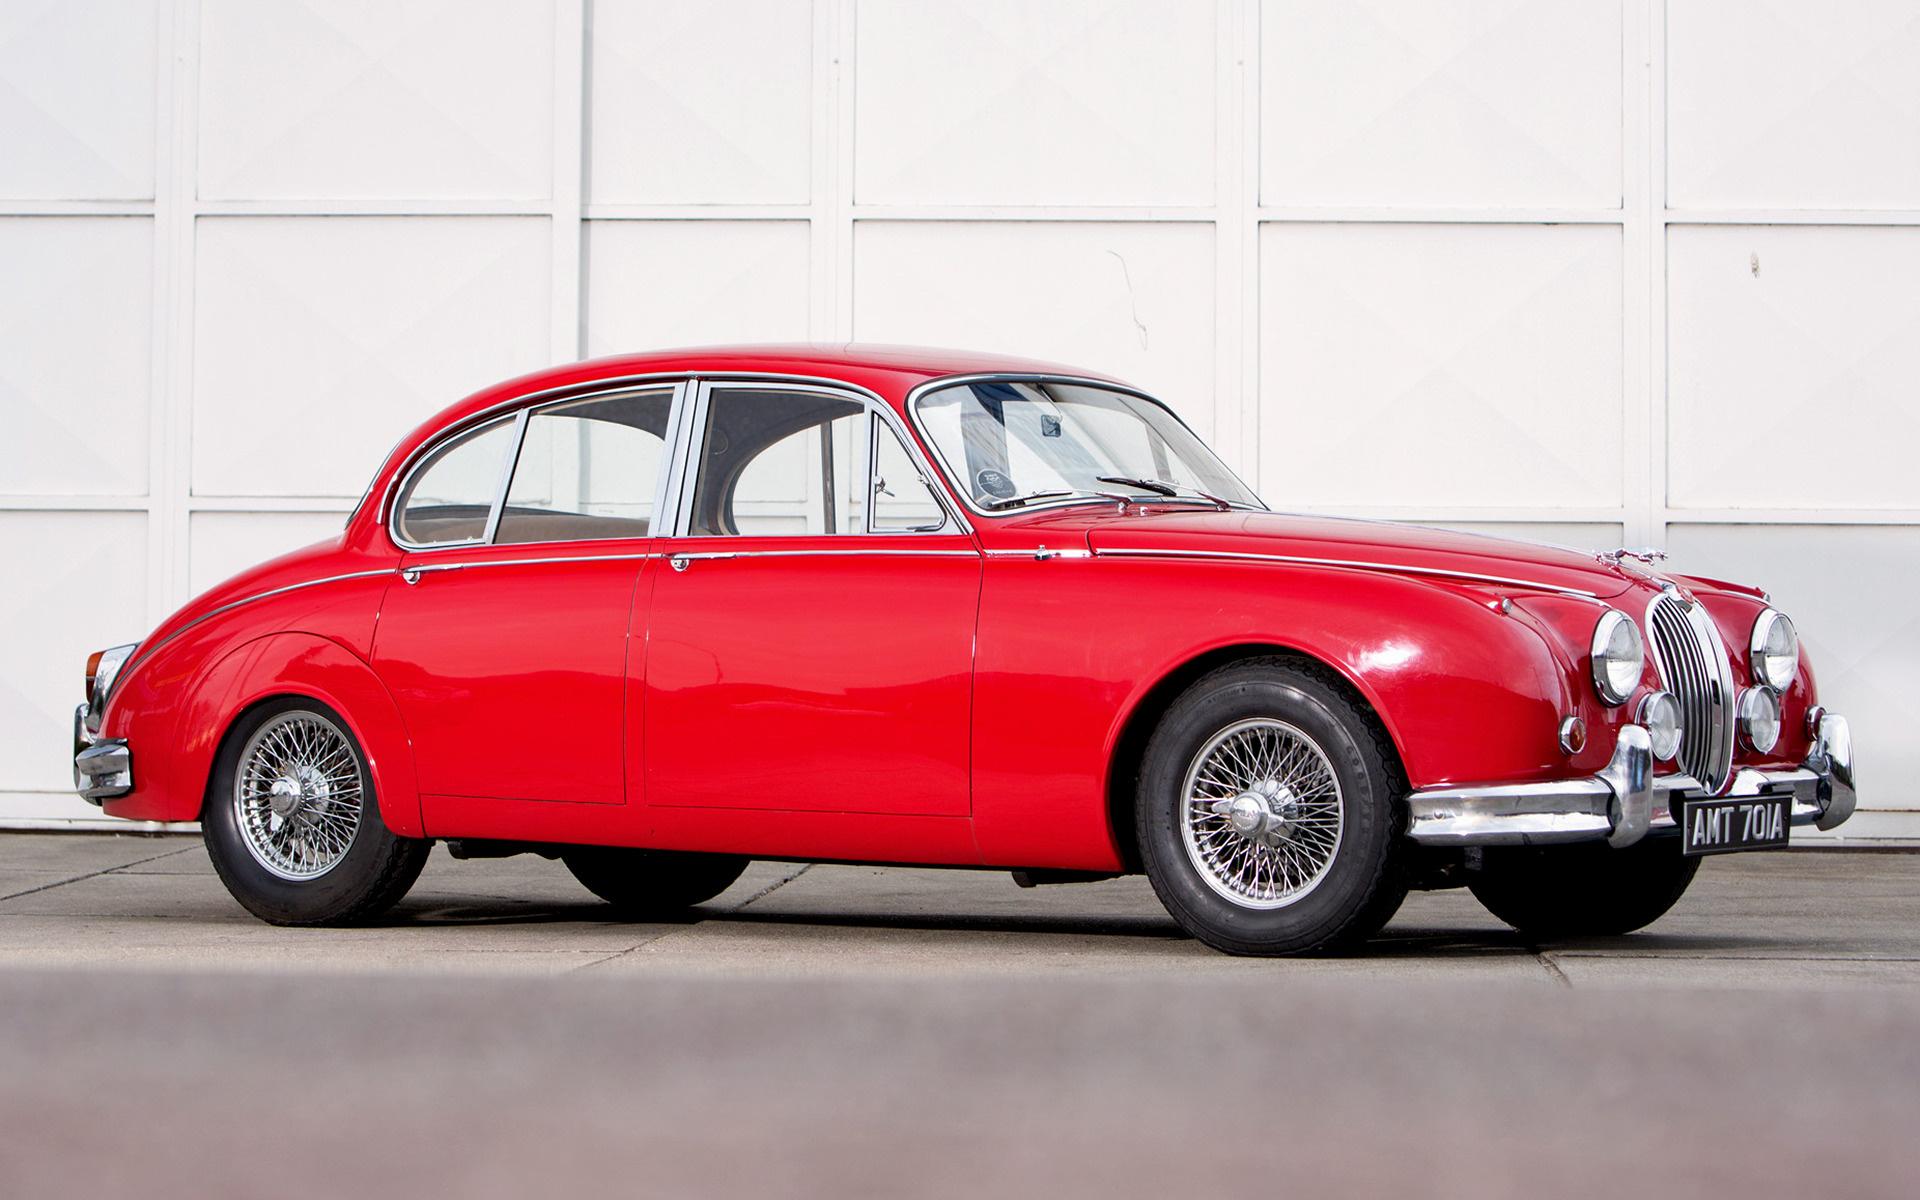 Jaguar Mark 2 (1959) UK Wallpapers and HD Images - Car Pixel